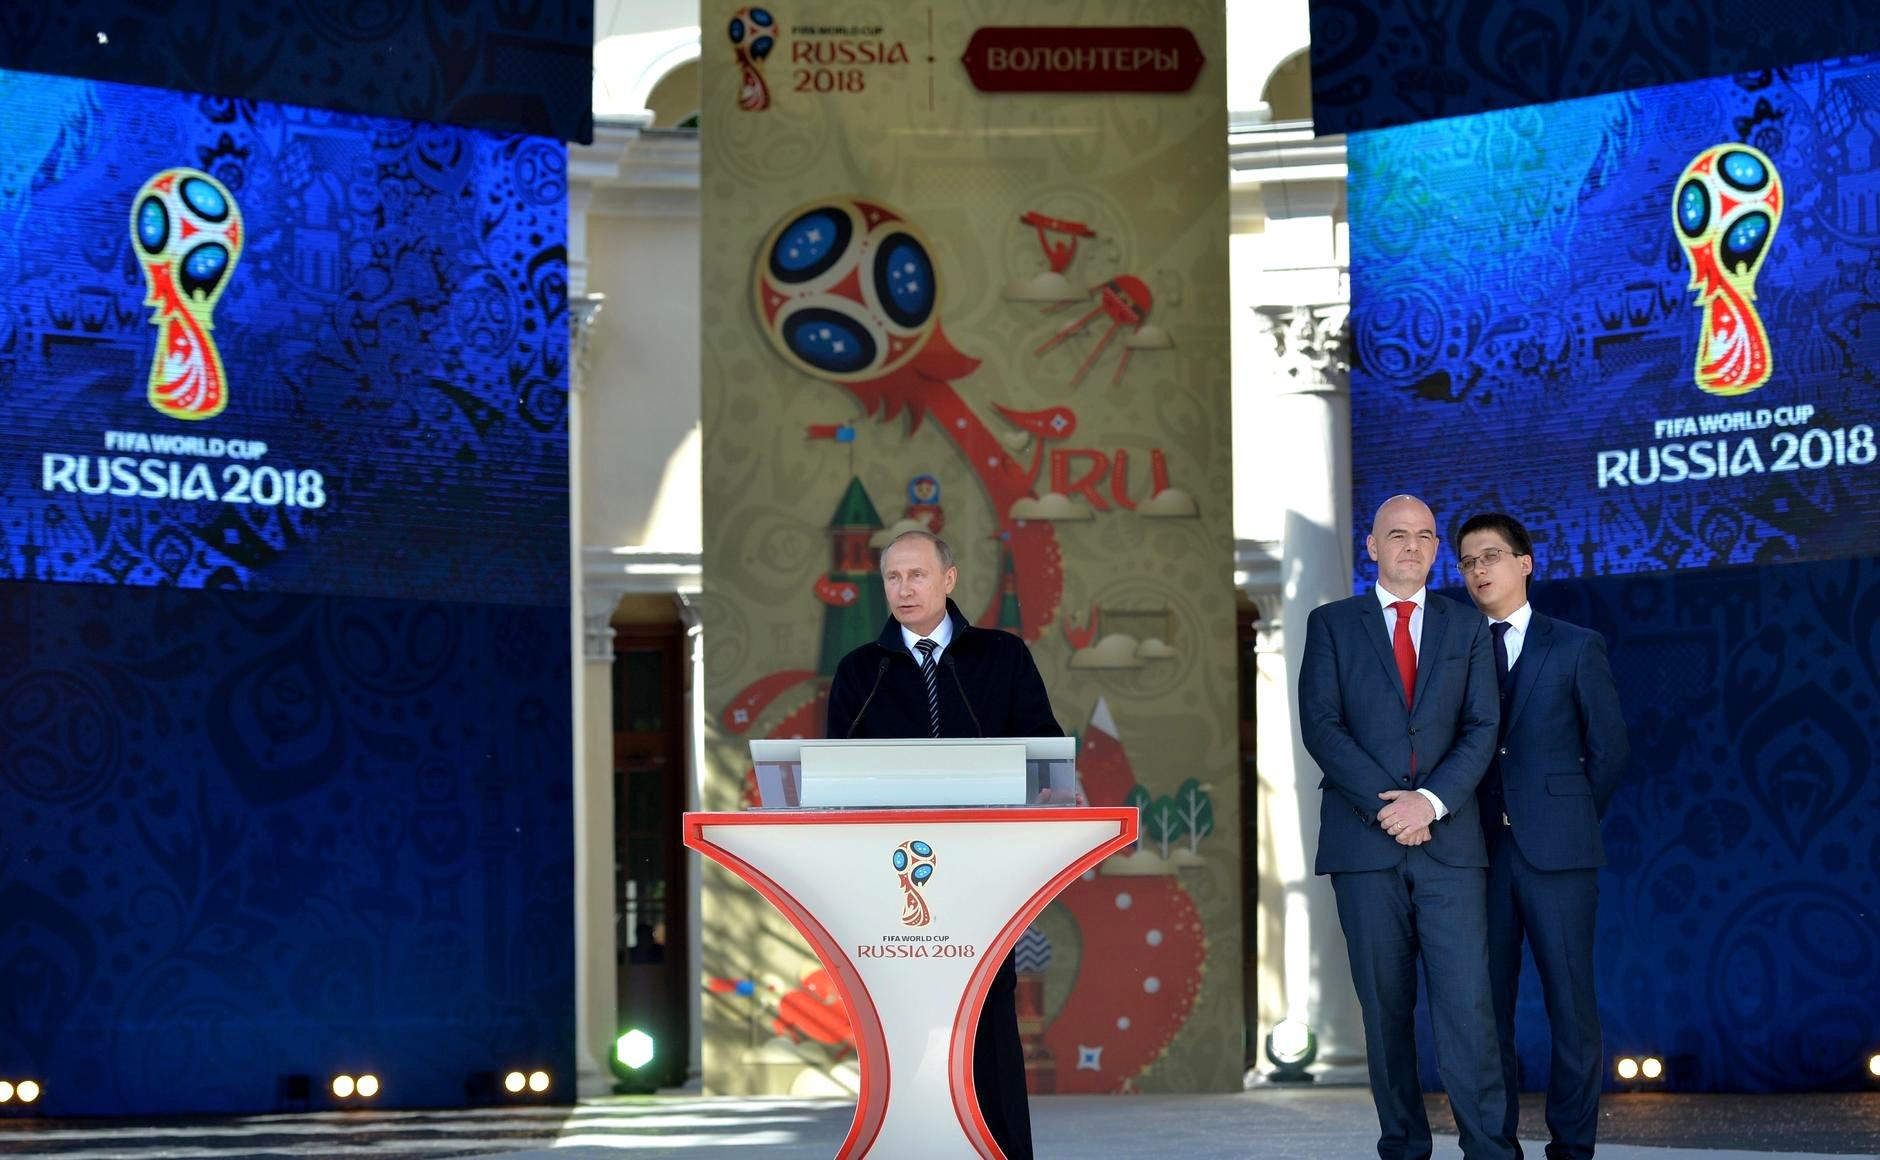 Претседателот на РФ Владимир Путин и претседателот на ФИФА Џани Инфантино.